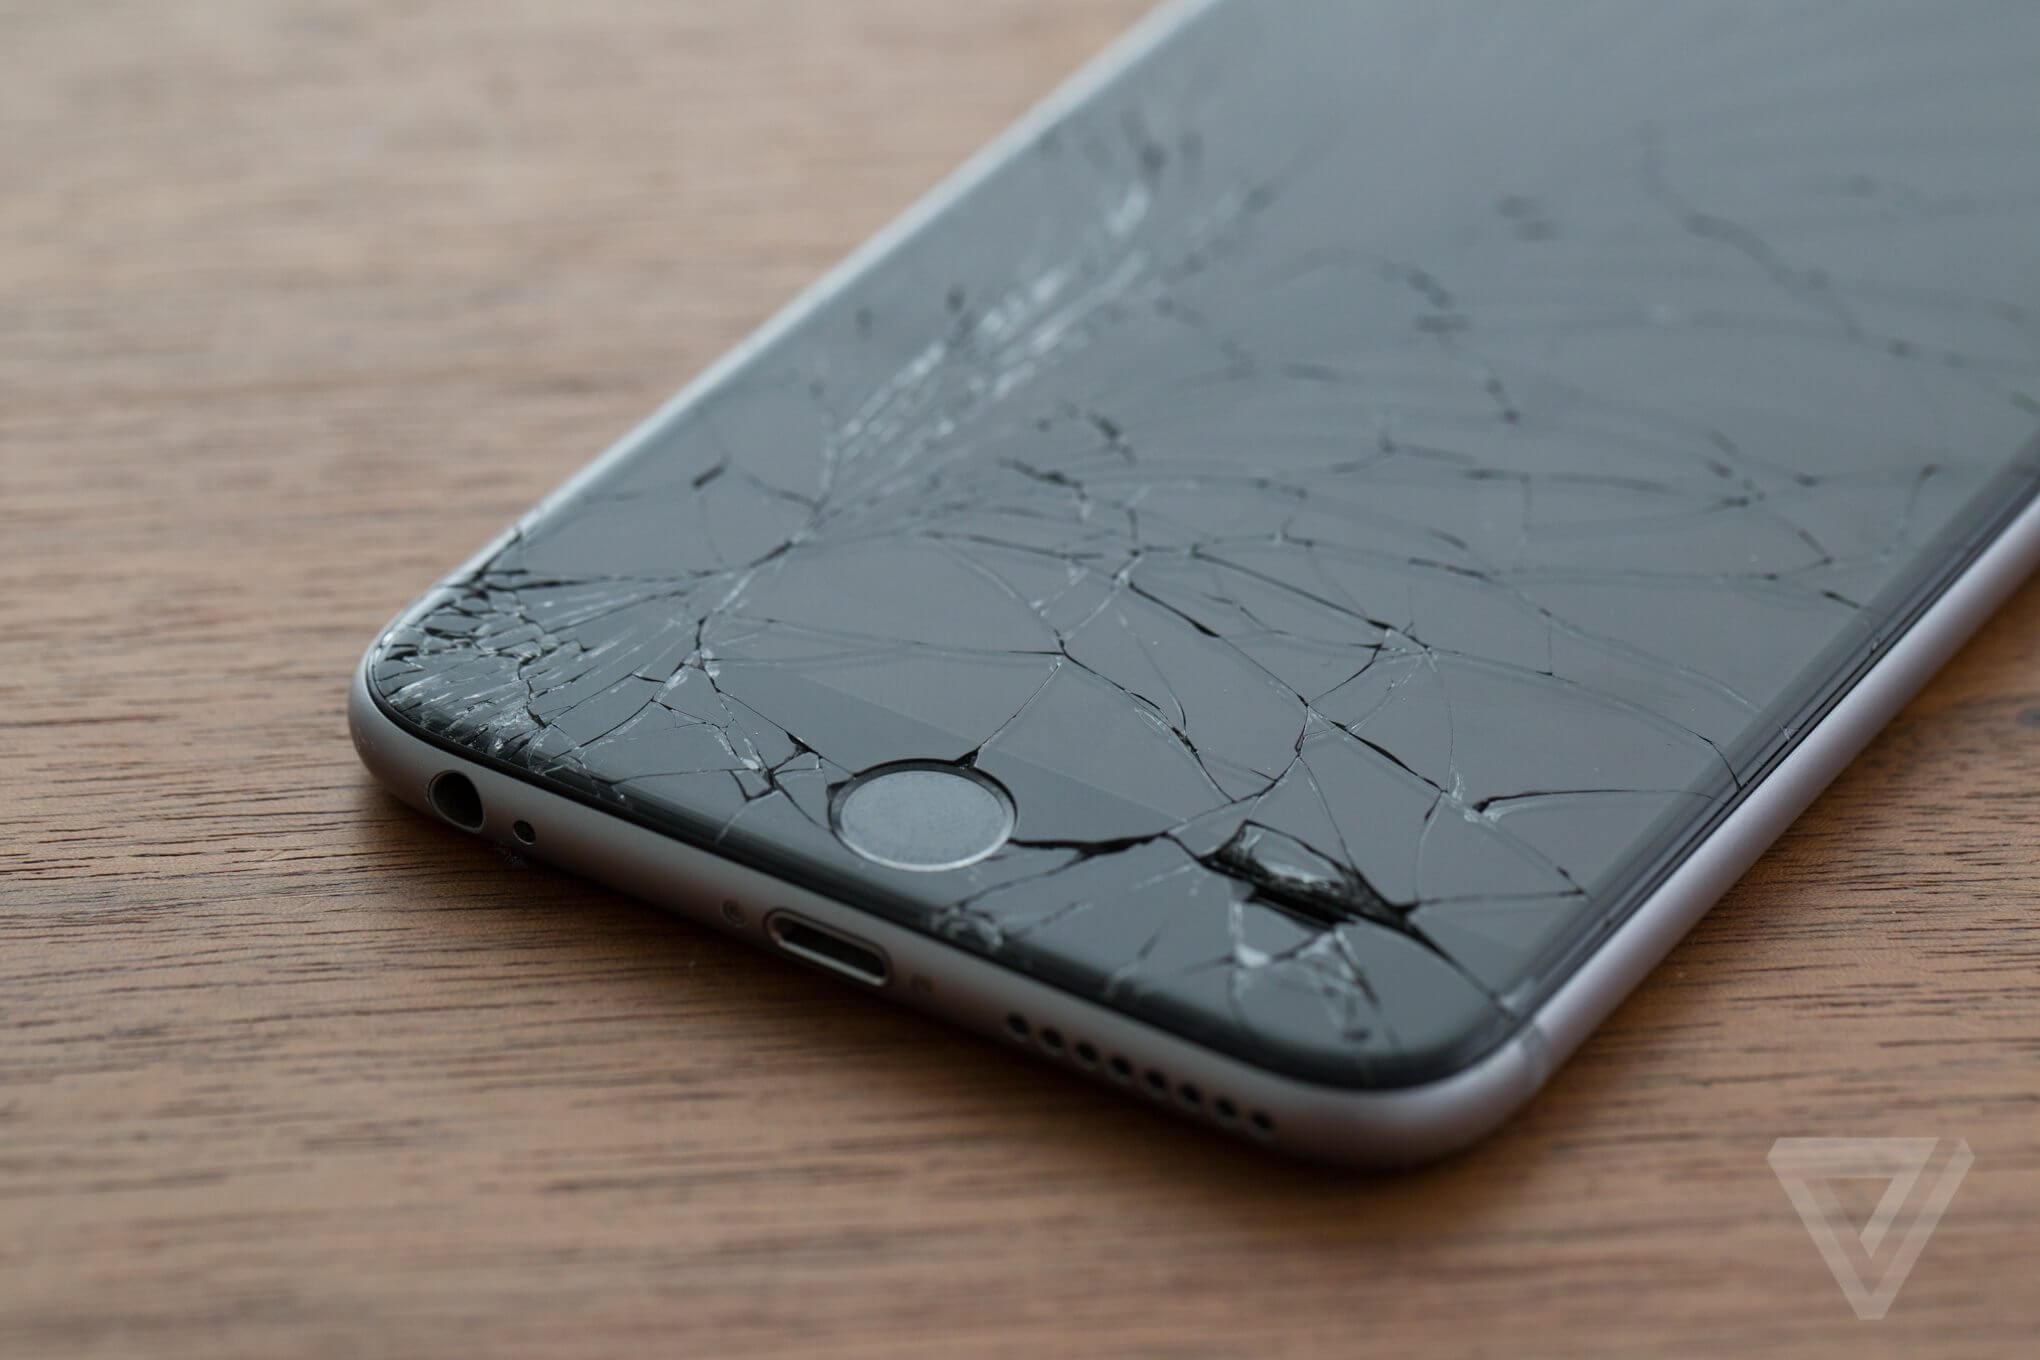 iPhone com tela estilhaçada